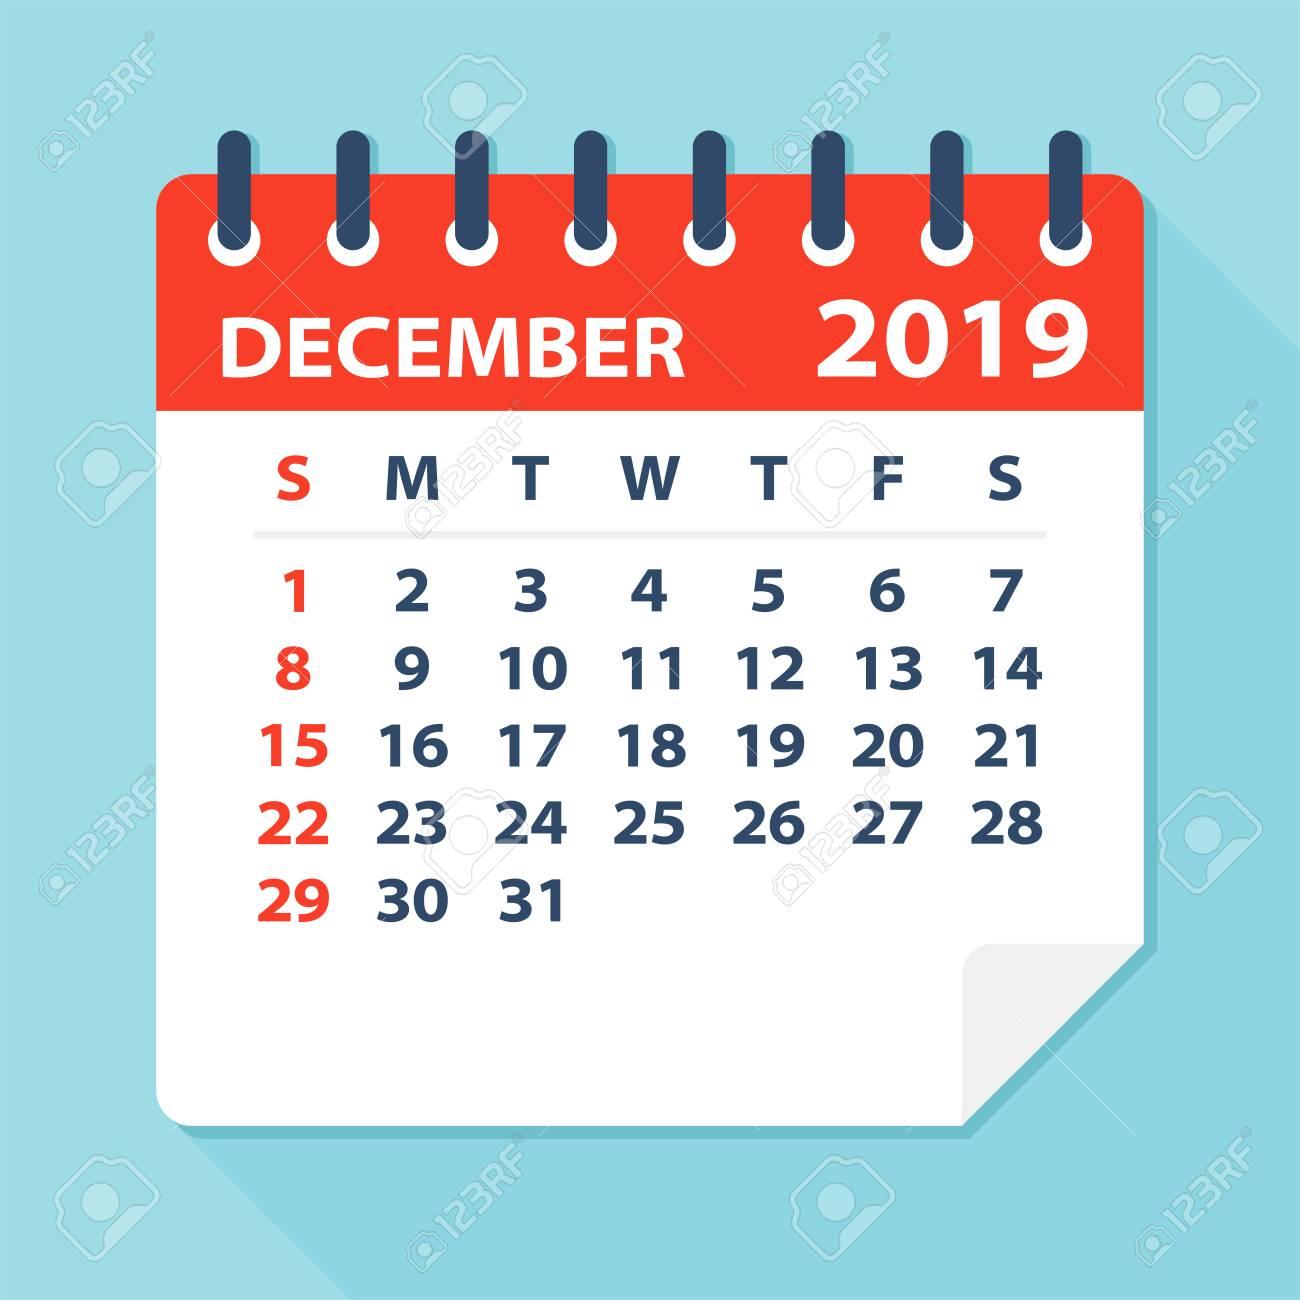 December 2019 Calendar Clipart.